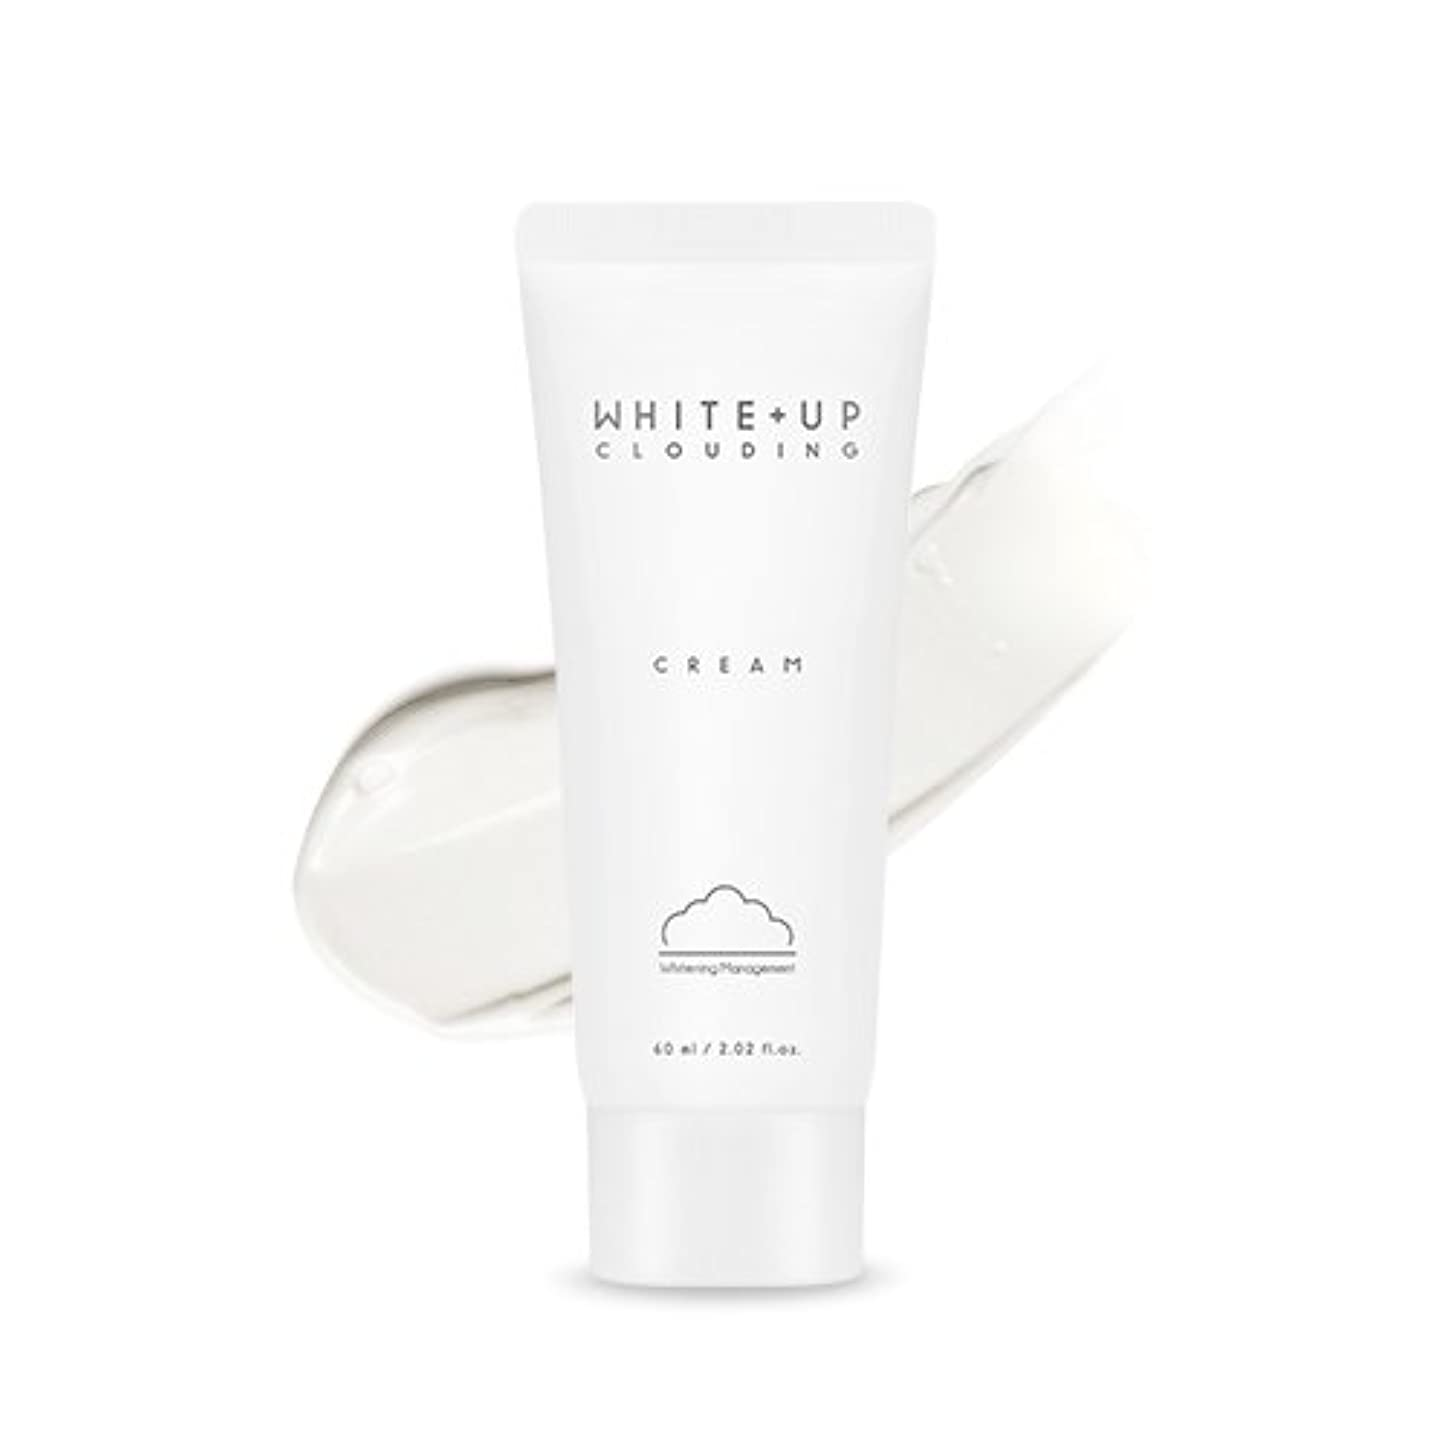 抜本的なコークス時間APIEU (WHITE+UP) Clouding Cream/アピュ ホワイトアップクラウドディングクリーム 60ml [並行輸入品]